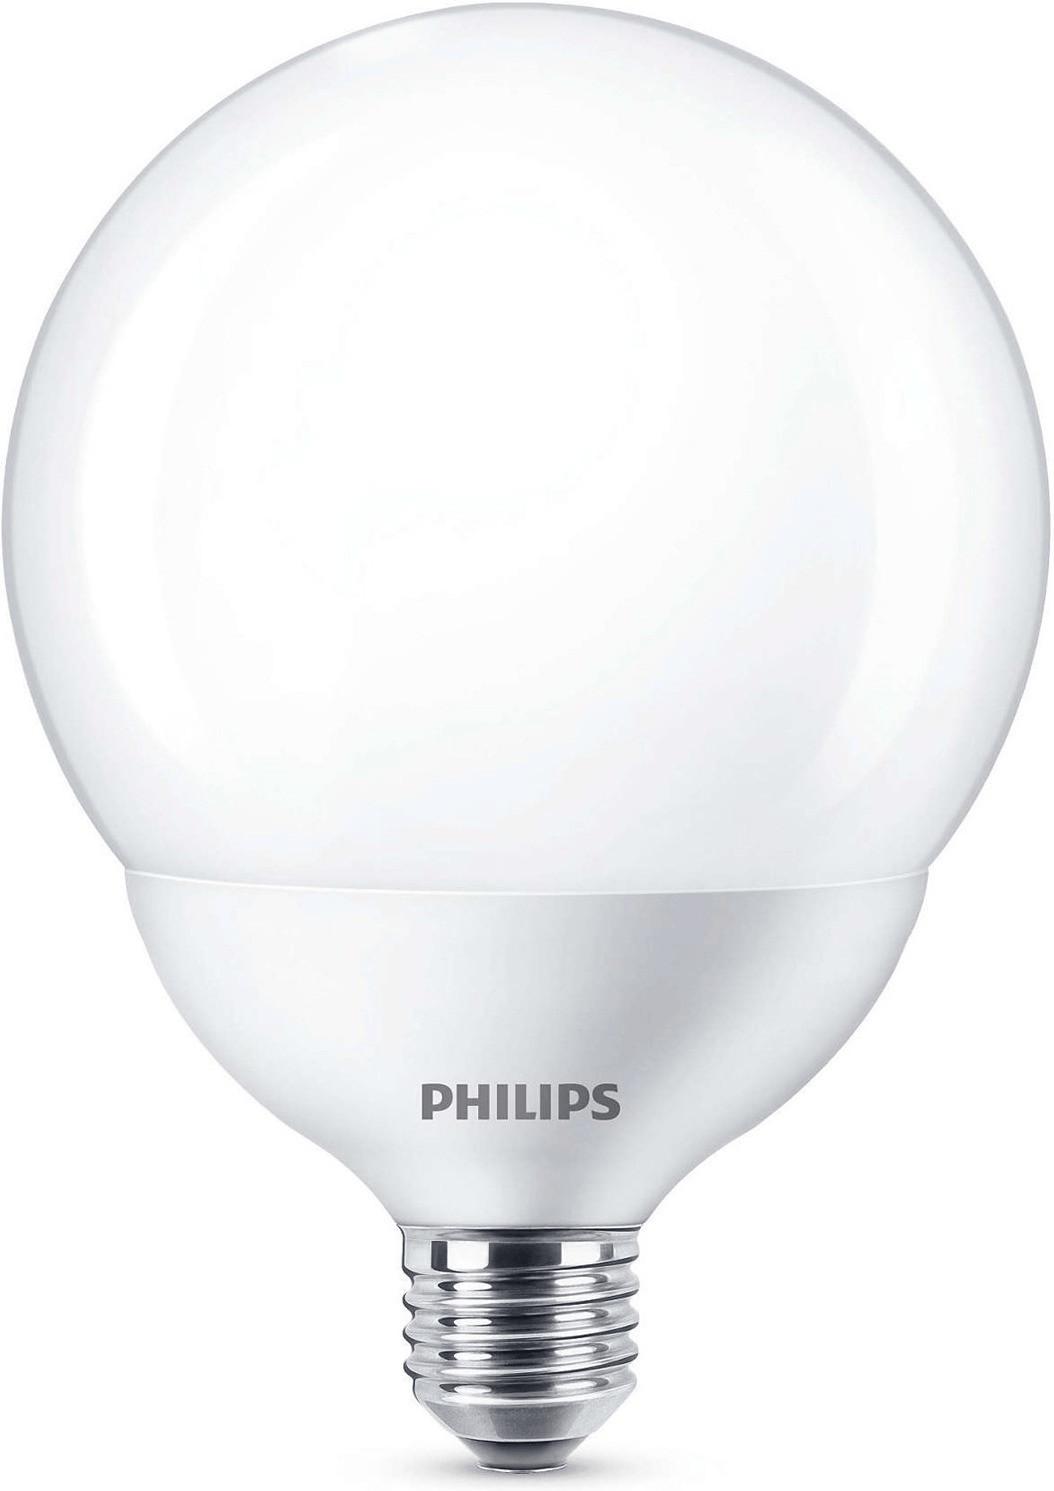 Philips CorePro 18W(120W) E27 (929001229801)